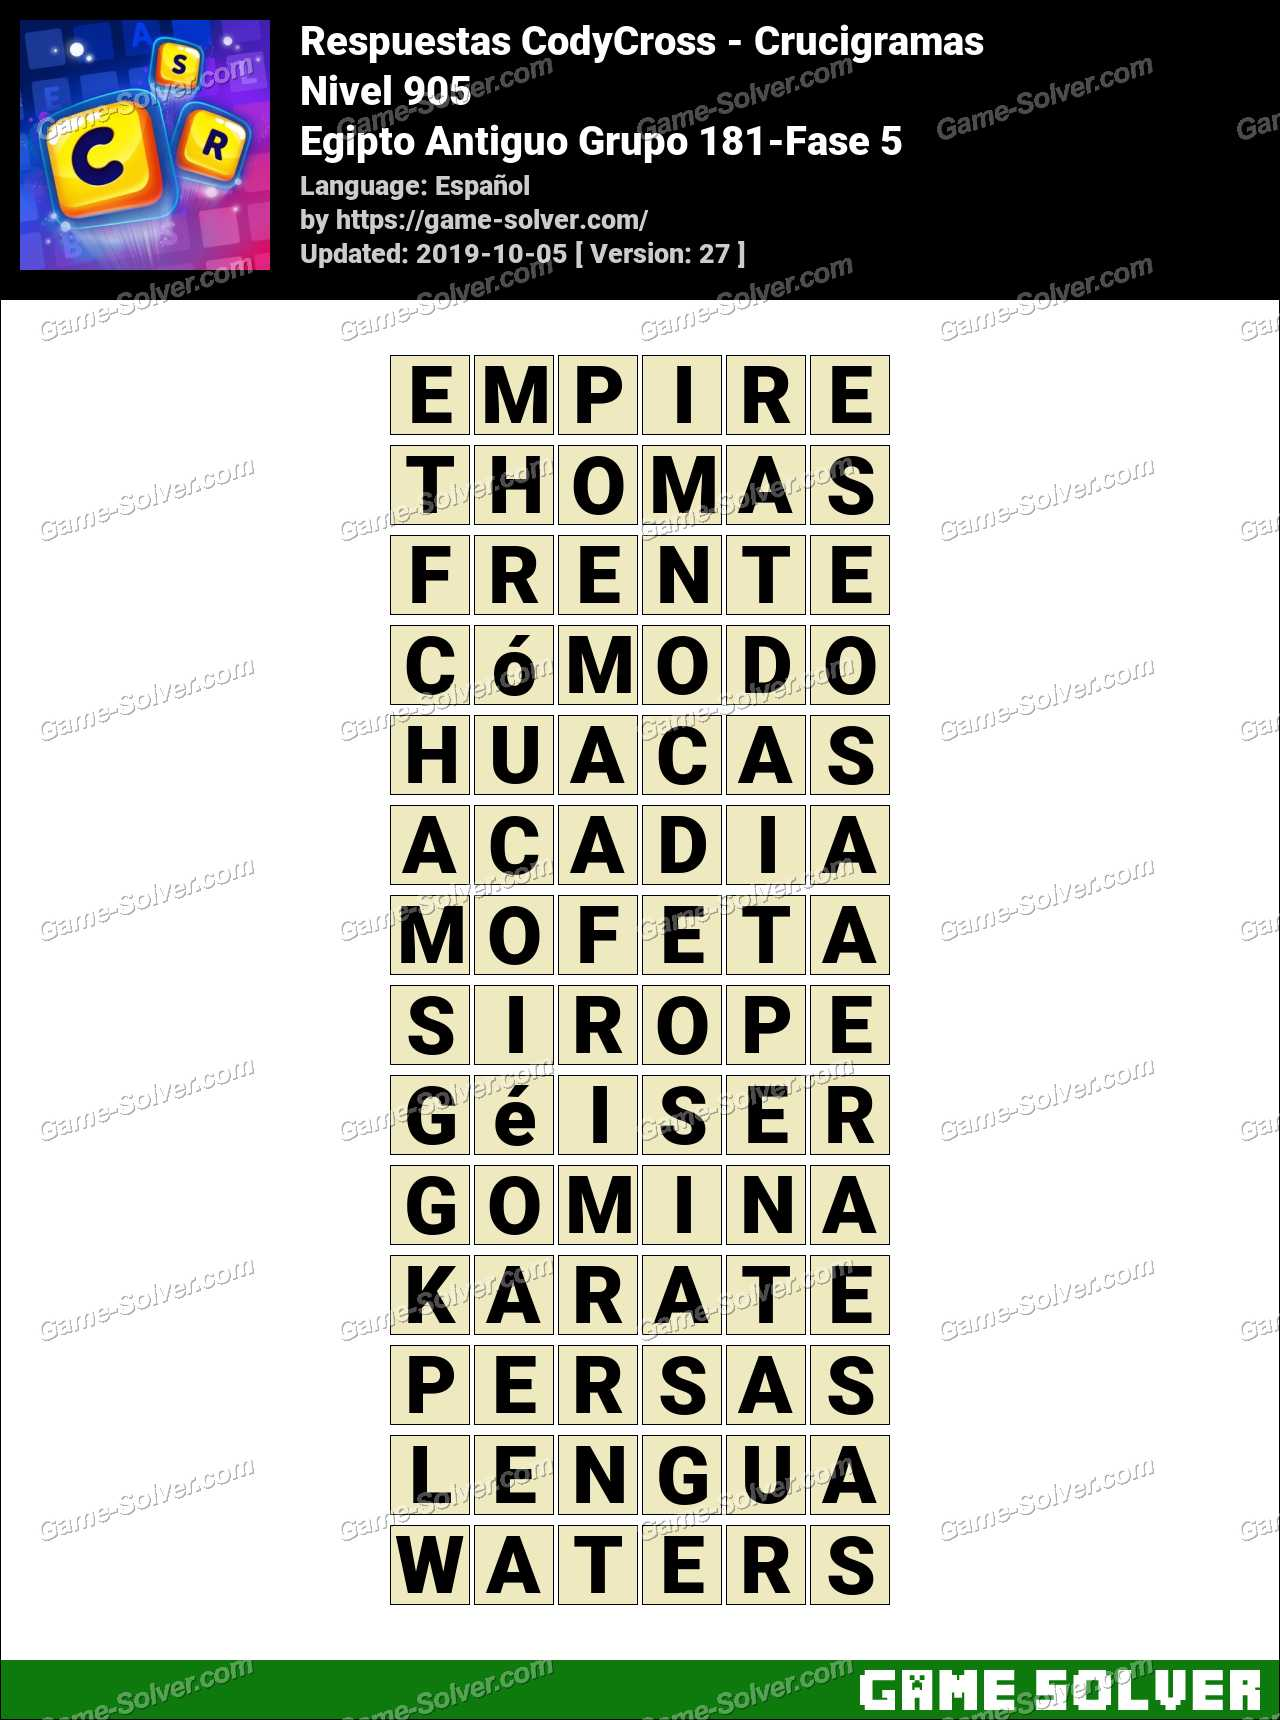 Respuestas CodyCross Egipto Antiguo Grupo 181-Fase 5